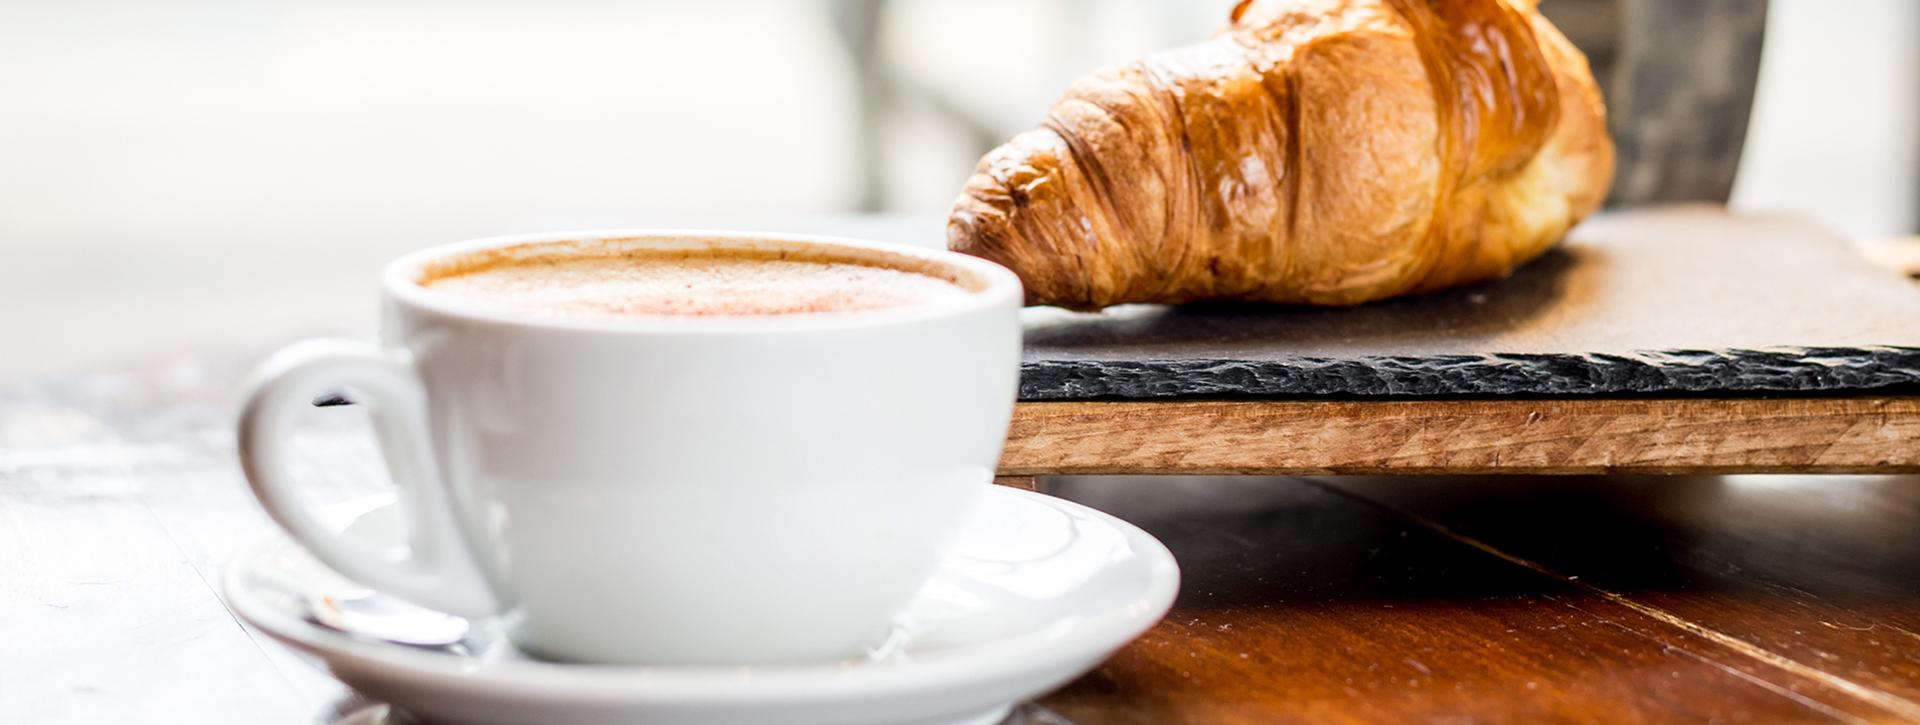 kahvi ja croisant kahvilapöydällä